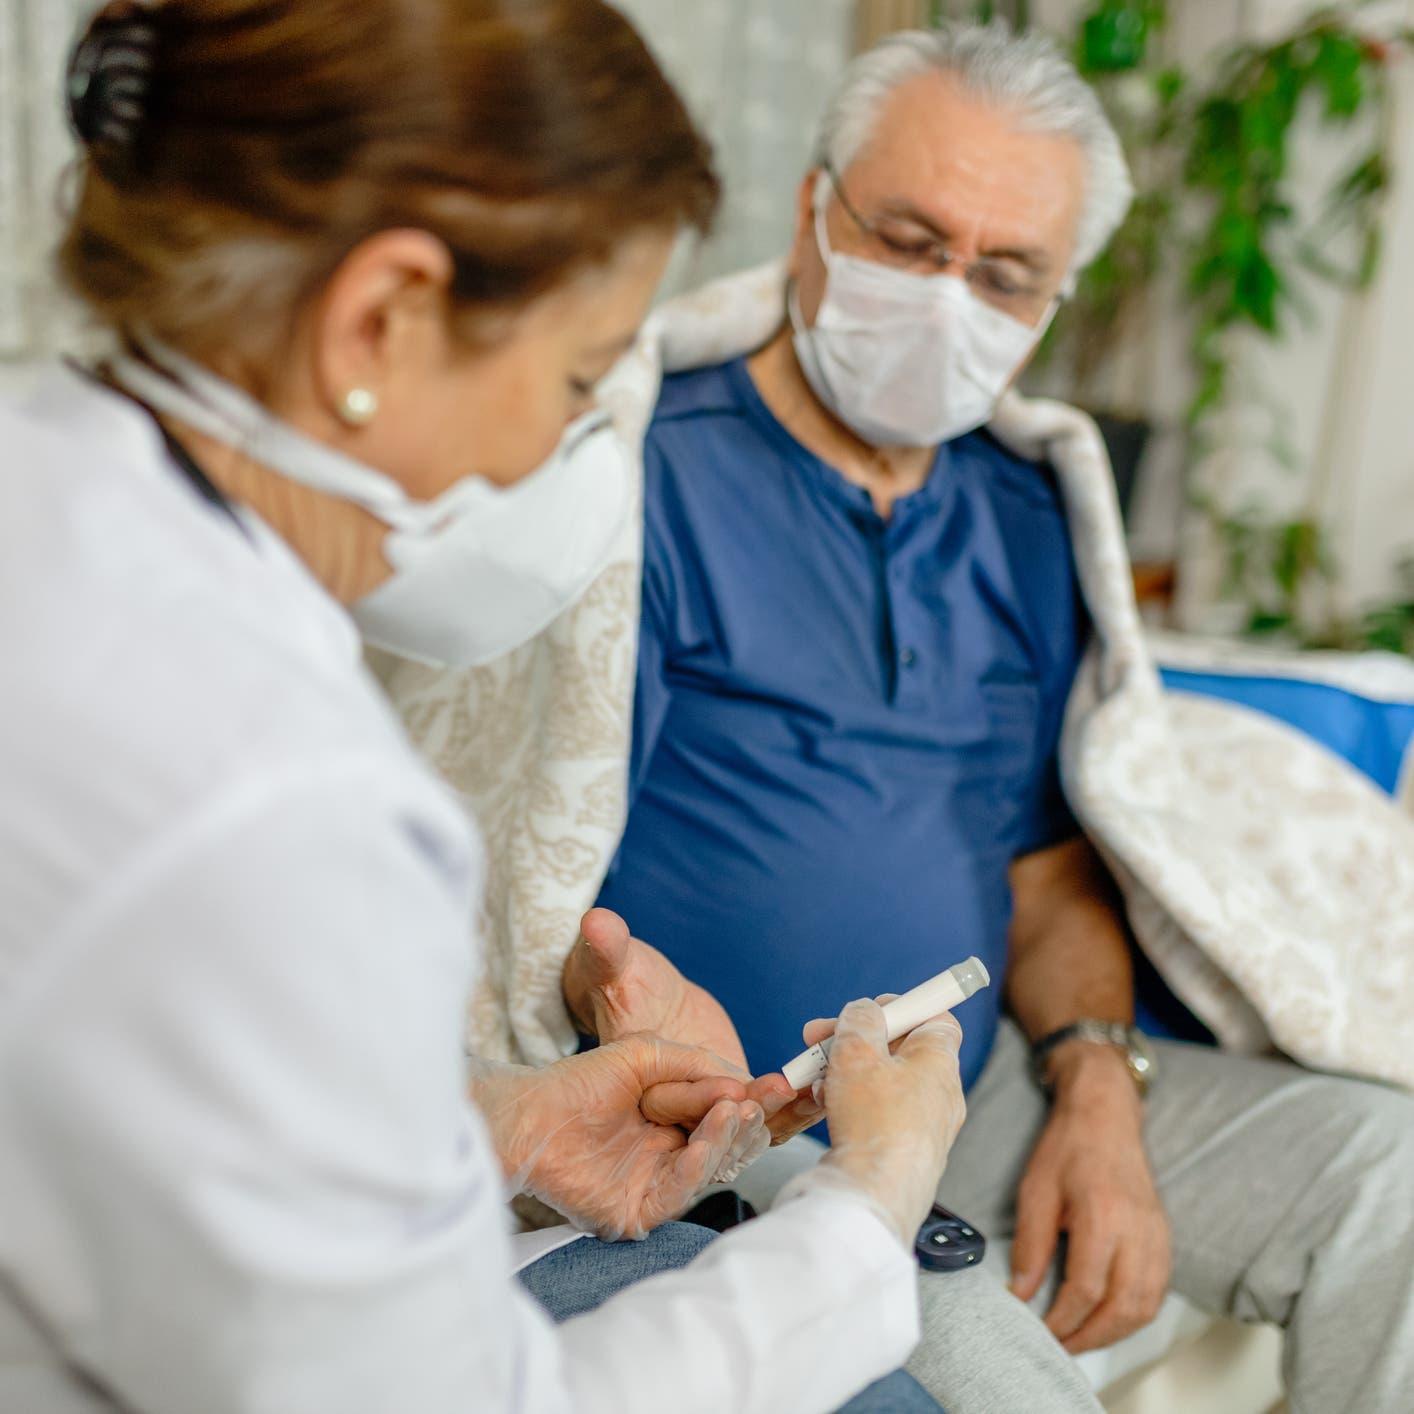 مرض شائع يزيد خطر الوفاة بالفيروس.. ما هو؟